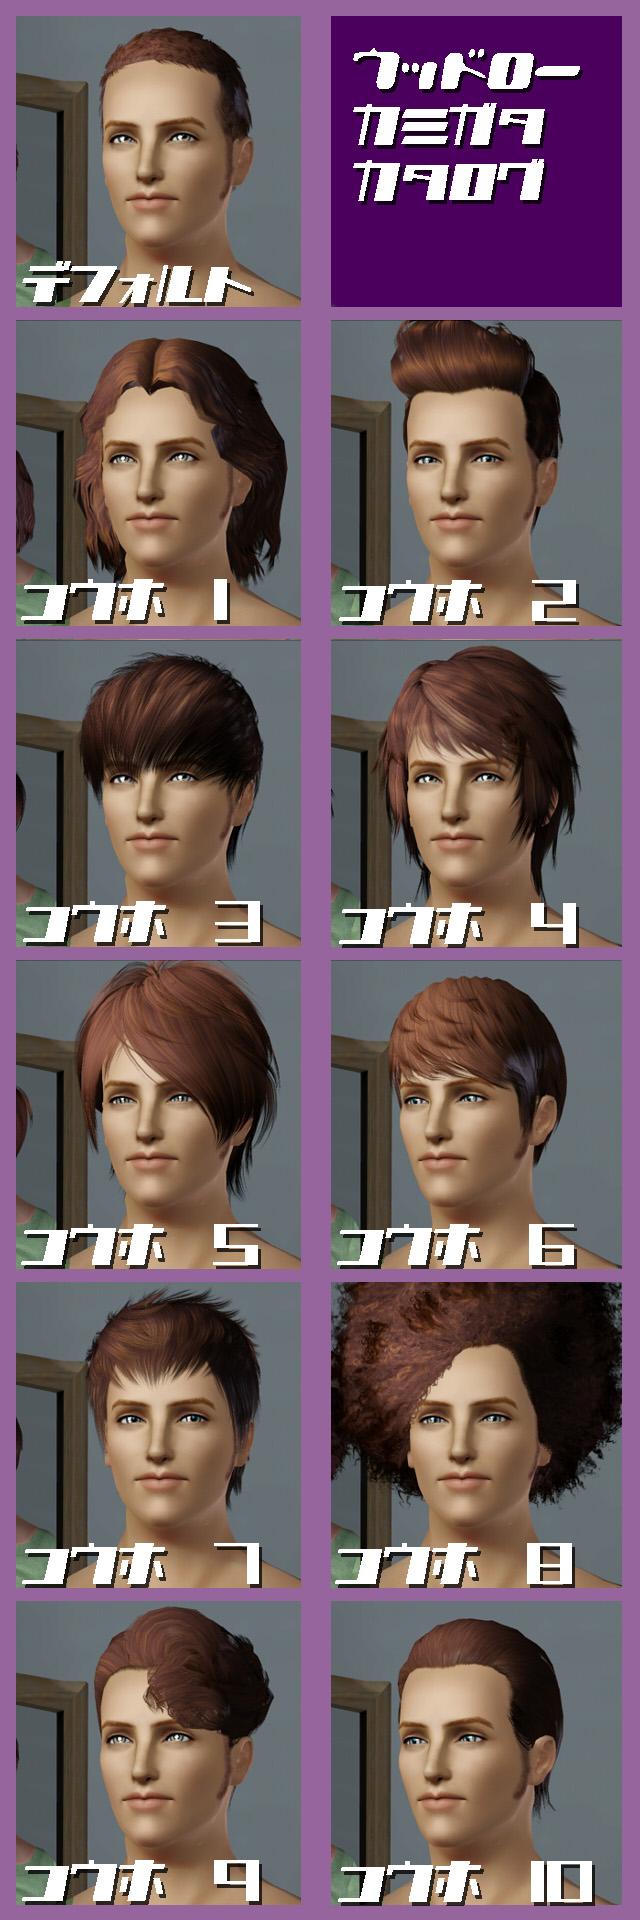 ウッドロー髪型比較